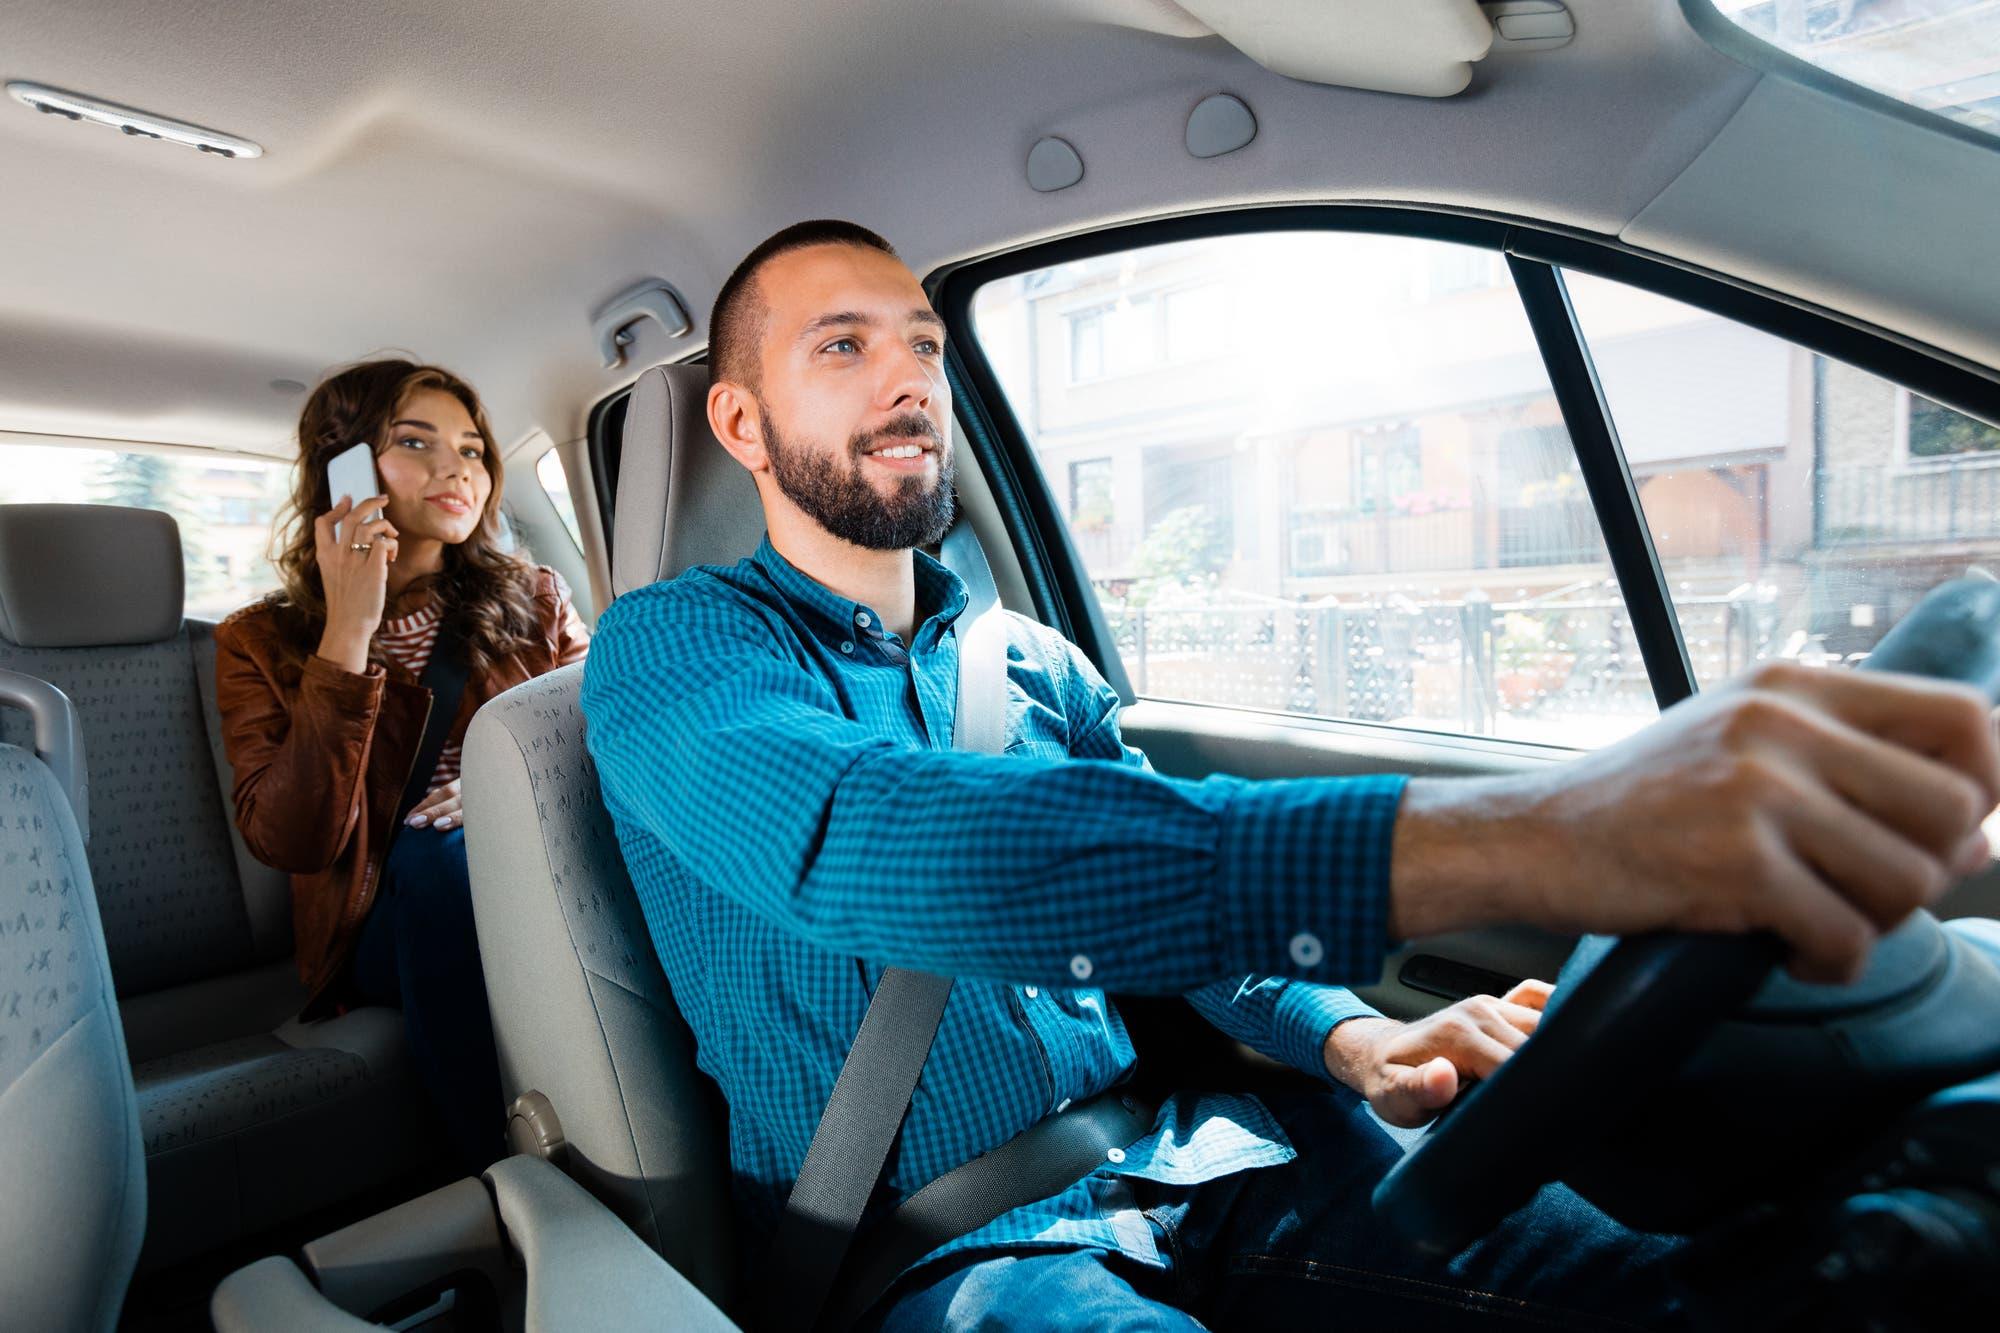 Sin charla: así es Uber Comfort, el nuevo servicio diferencial con autos nuevos y conductores silenciosos